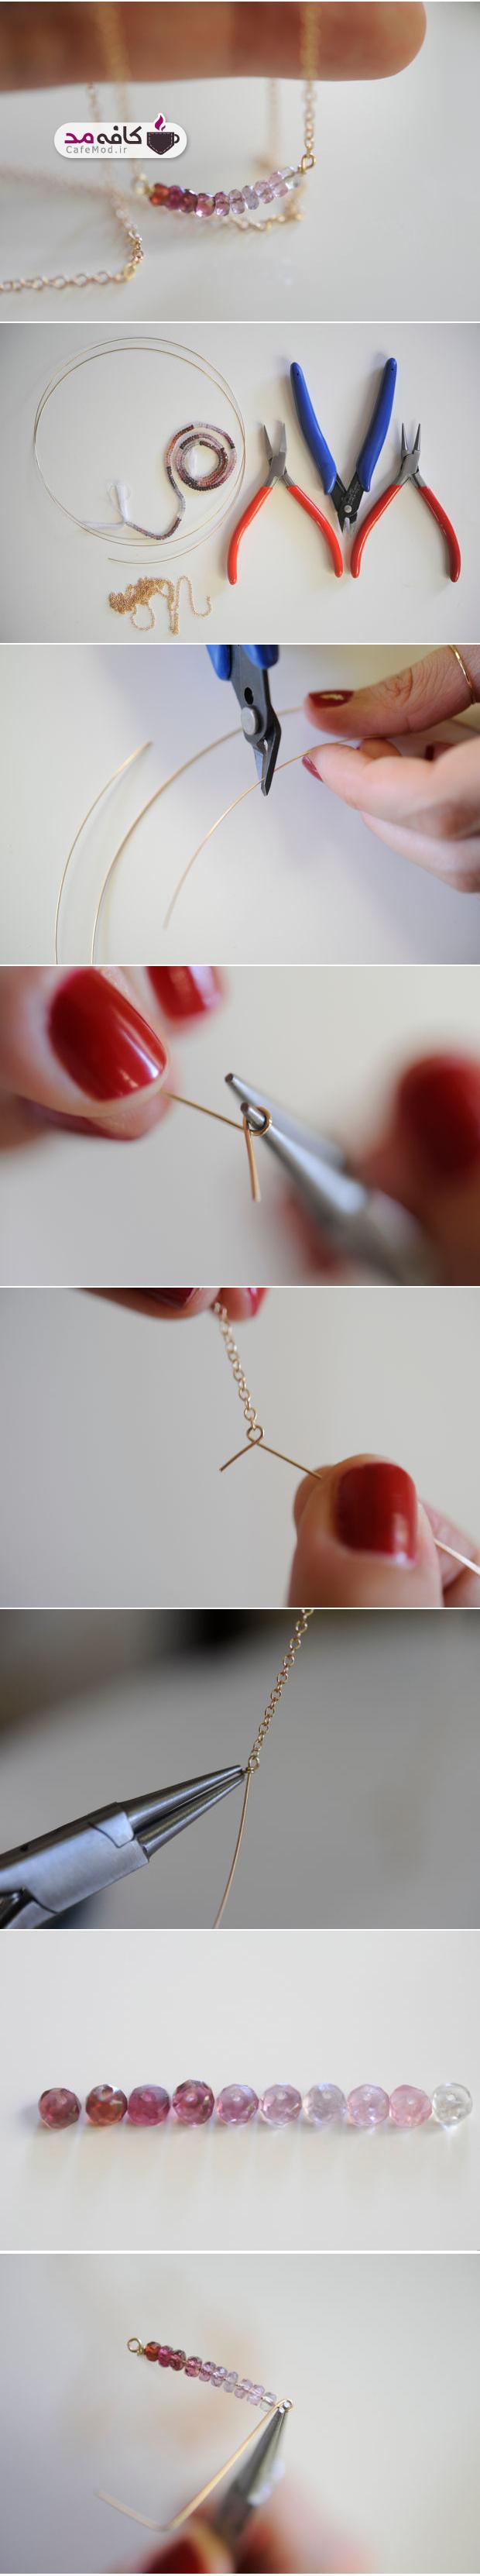 آموزش تصویری ساخت گردنبند کریستالی